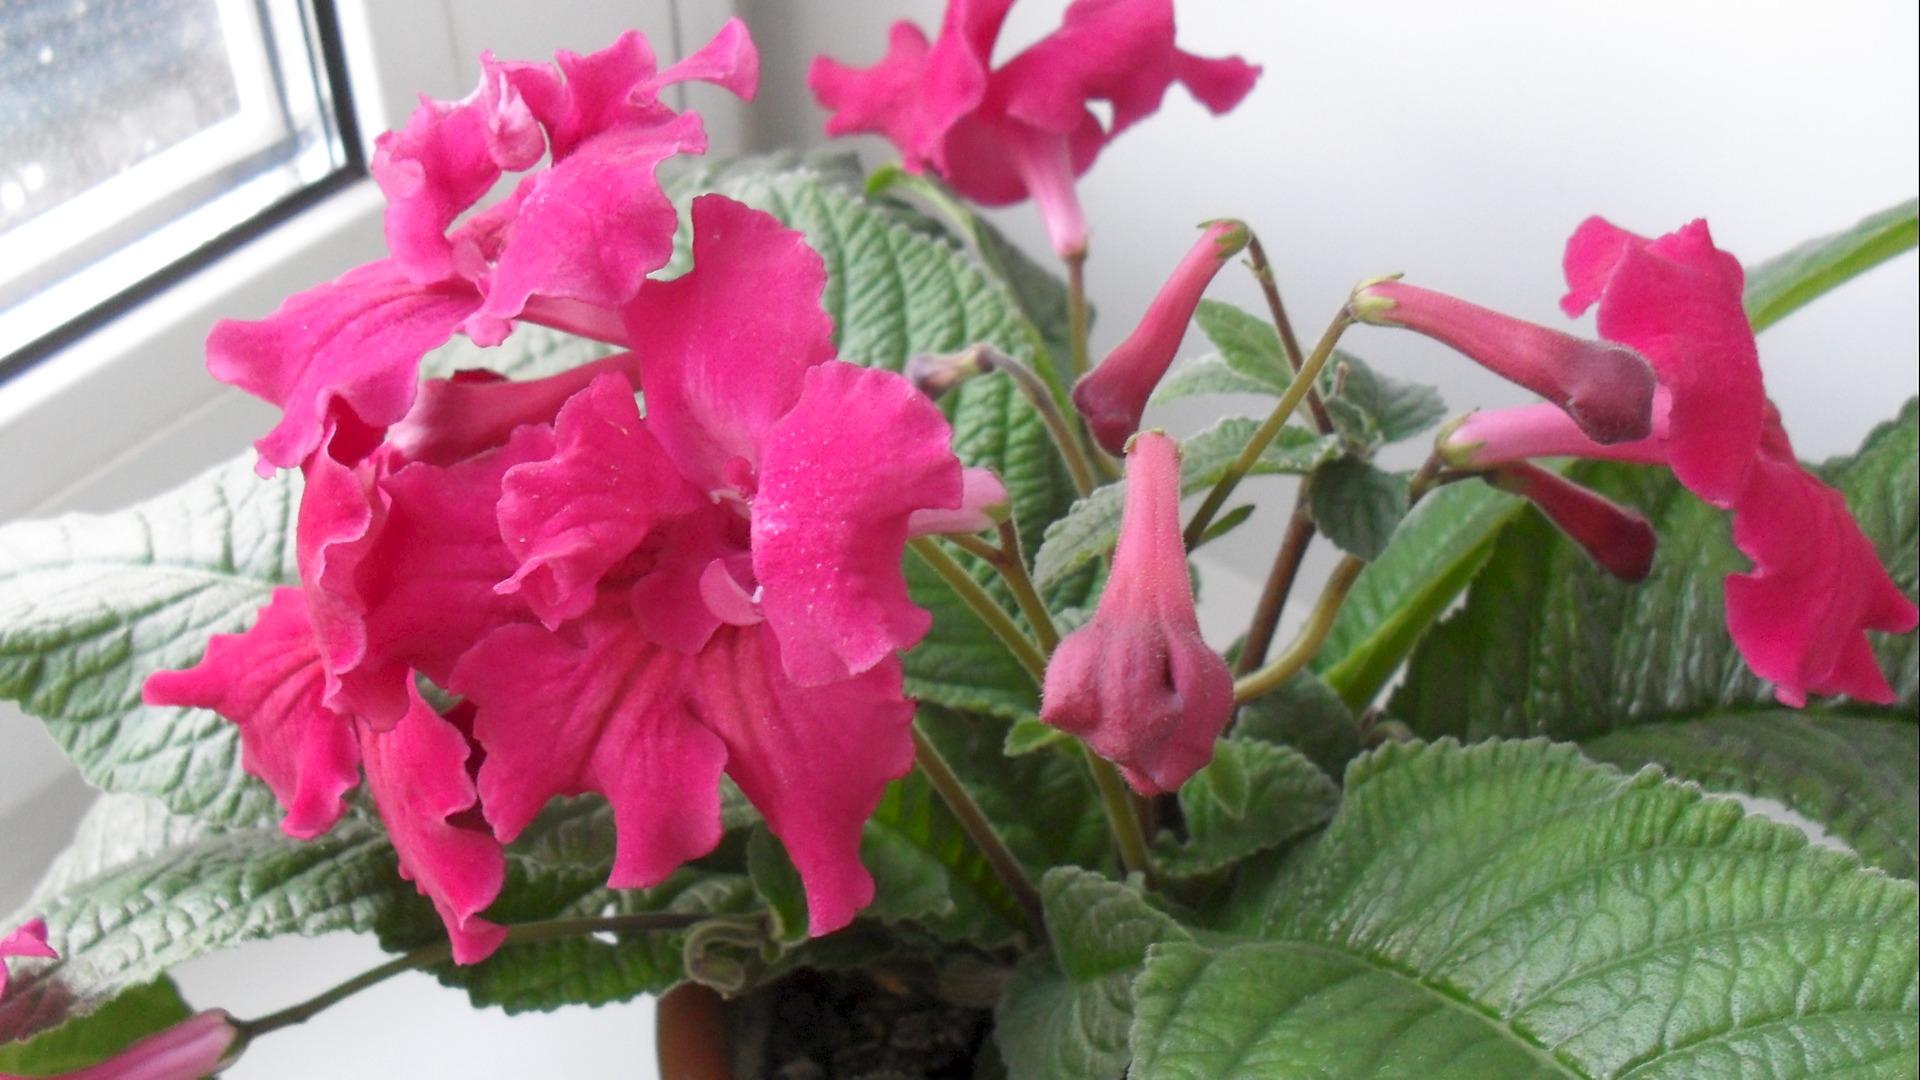 Комнатный цветок стрептокарпус: фото сортов с описанием, размножение и 31